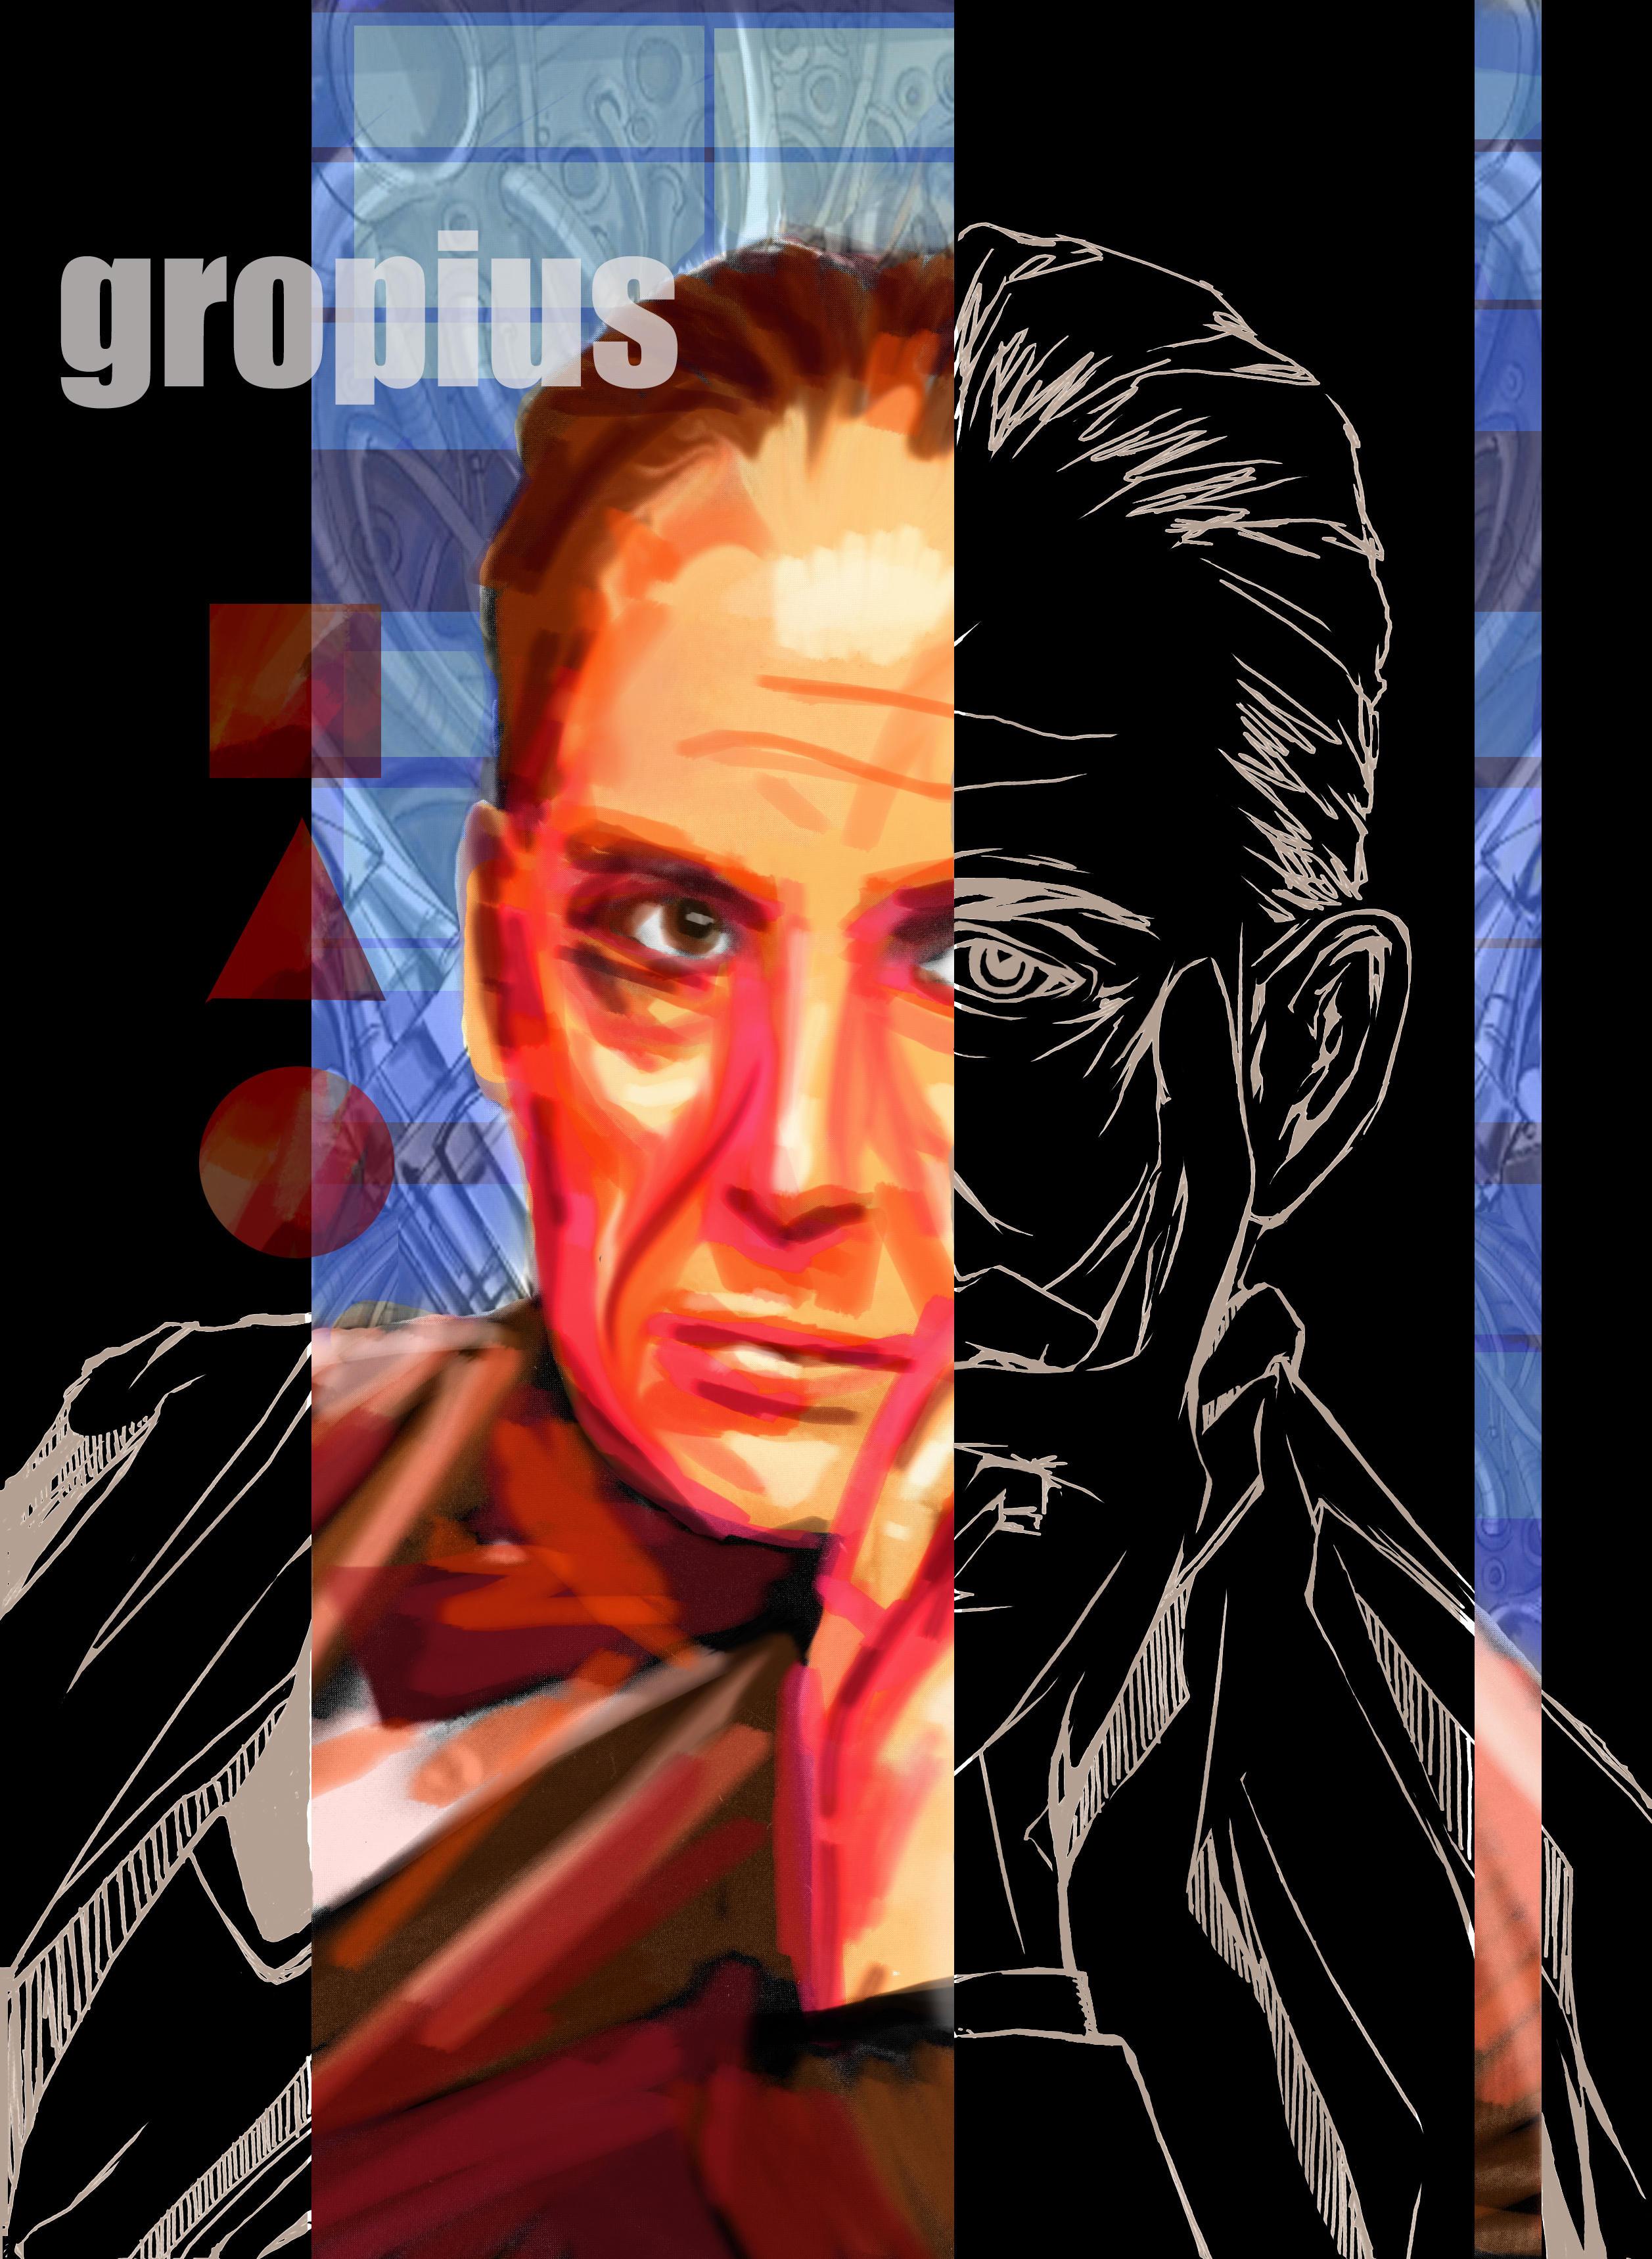 walter gropius by nix---Walter Gropius Art